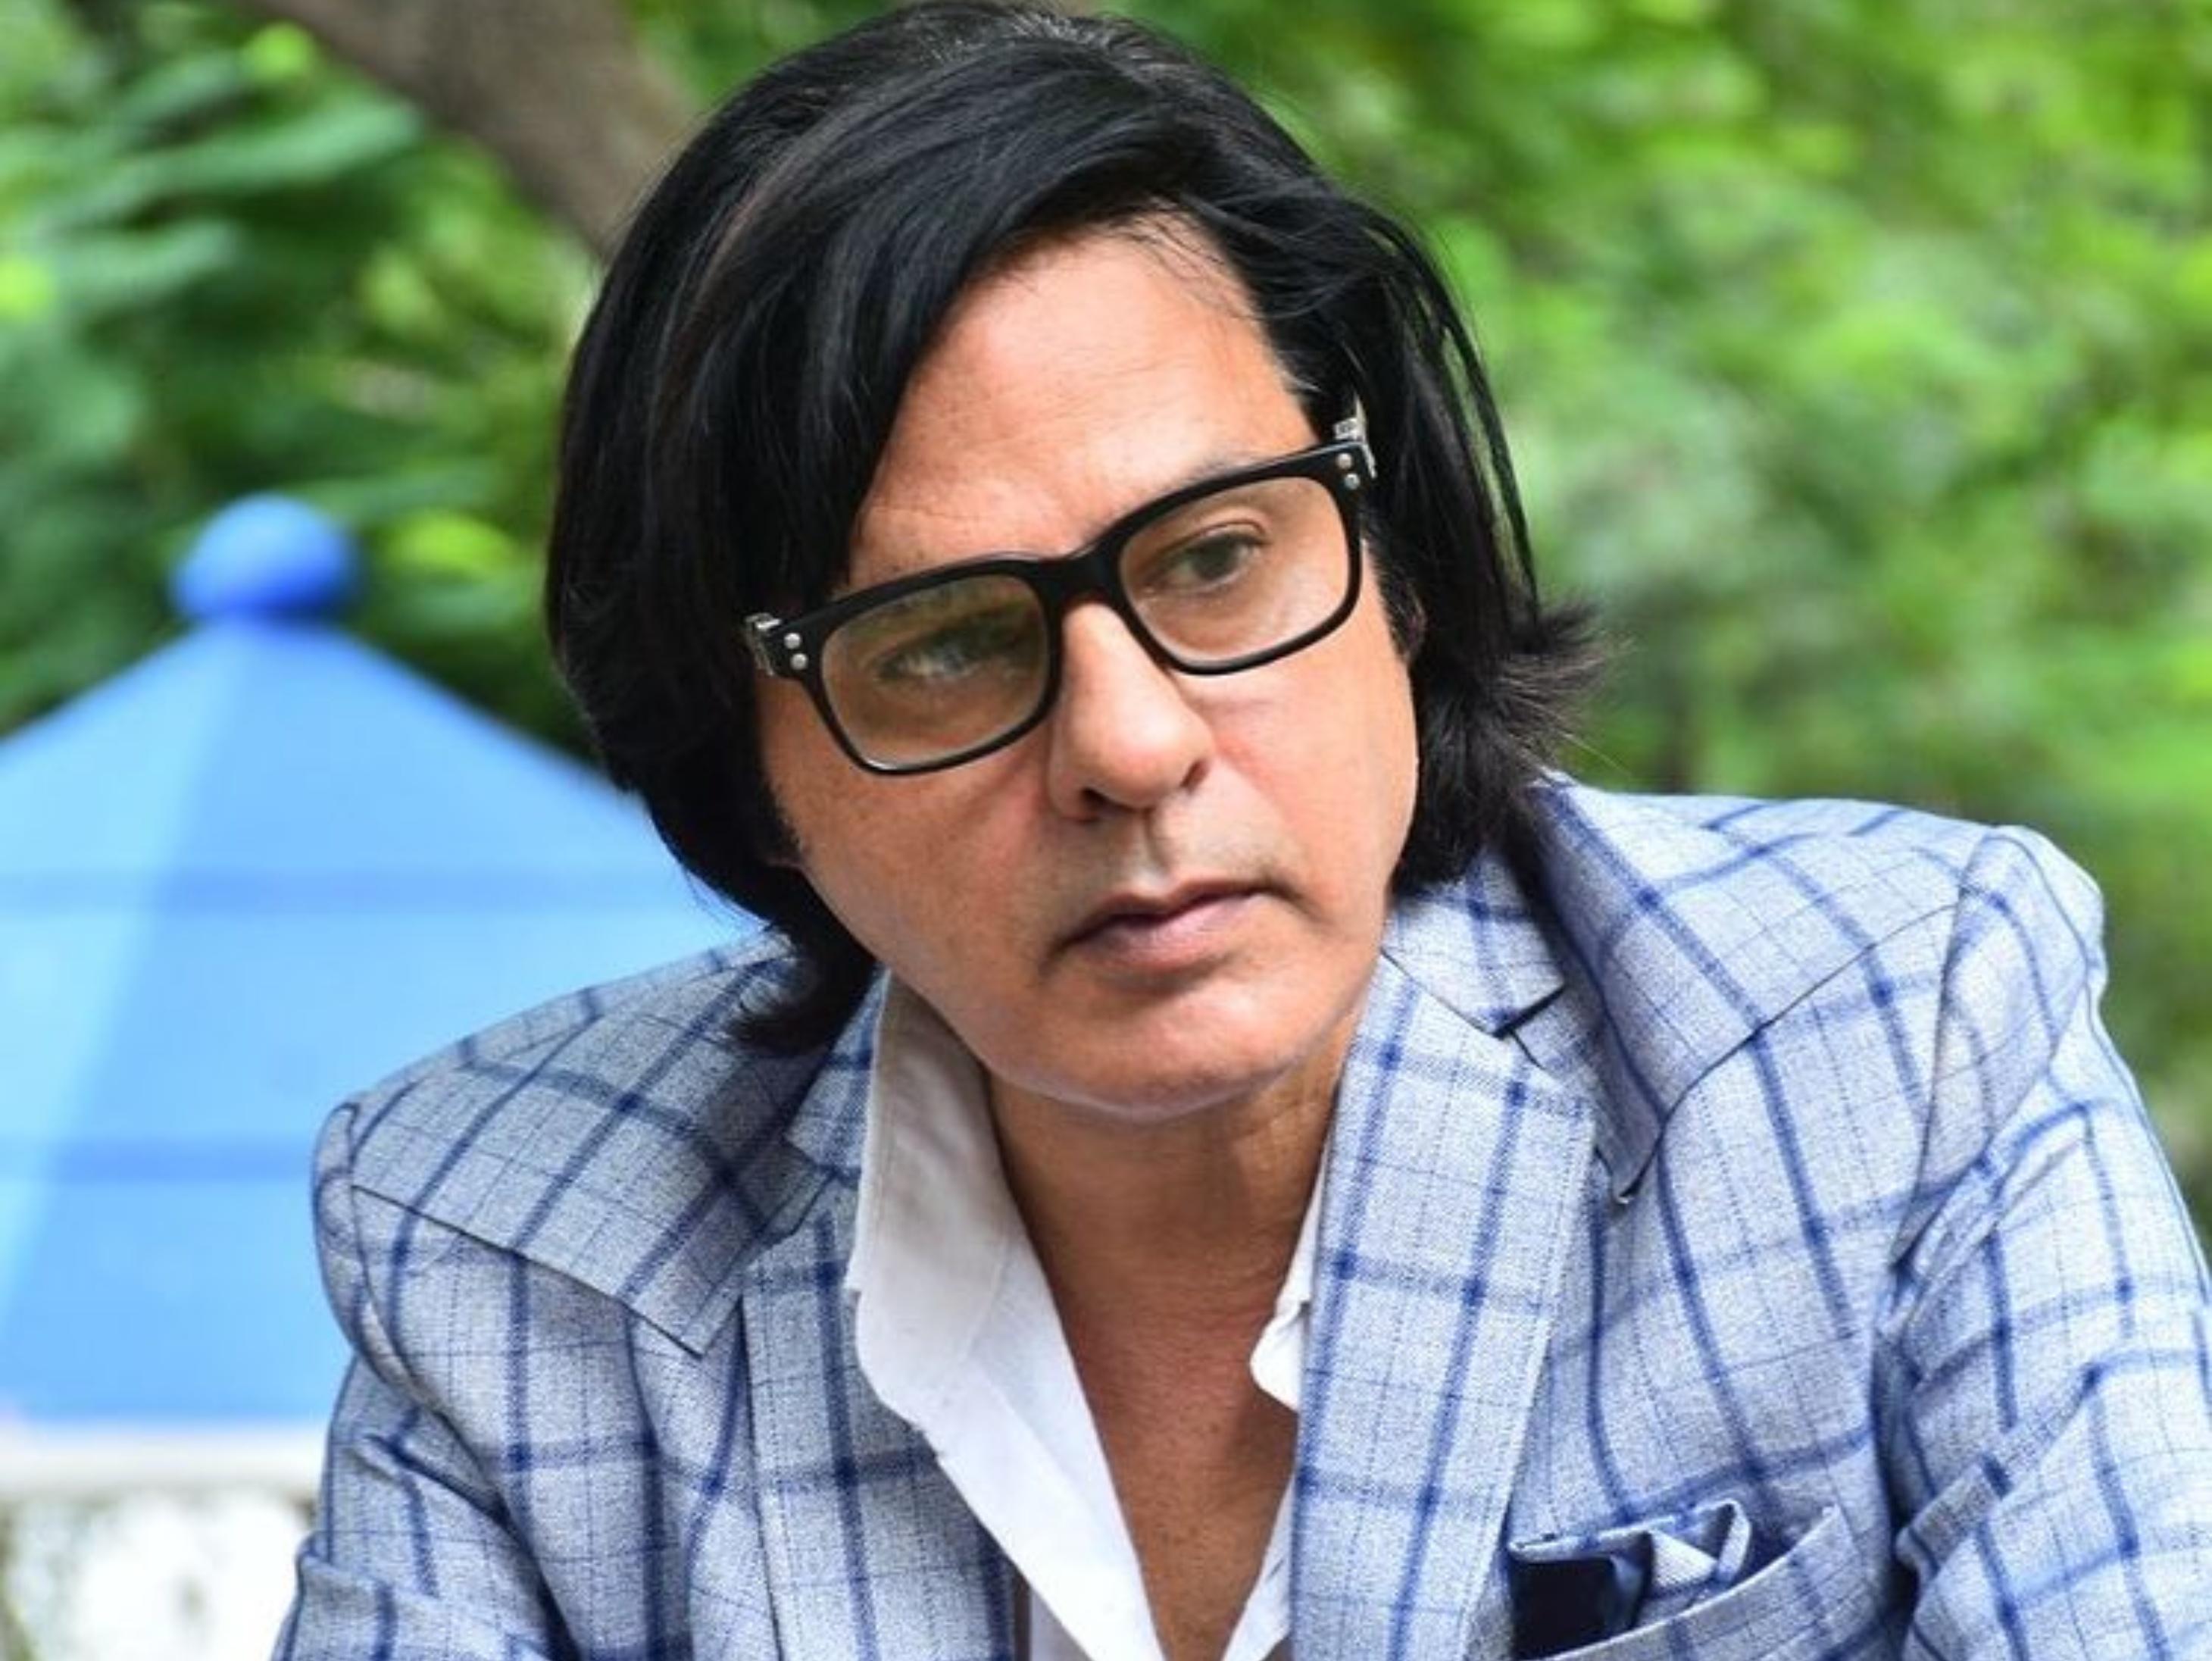 जल्द से जल्द काम पर लौटना चाहते हैं राहुल रॉय, जीजा रोमीर ने बताया स्पीच क्लियर करने चल रही है थैरेपी|बॉलीवुड,Bollywood - Dainik Bhaskar